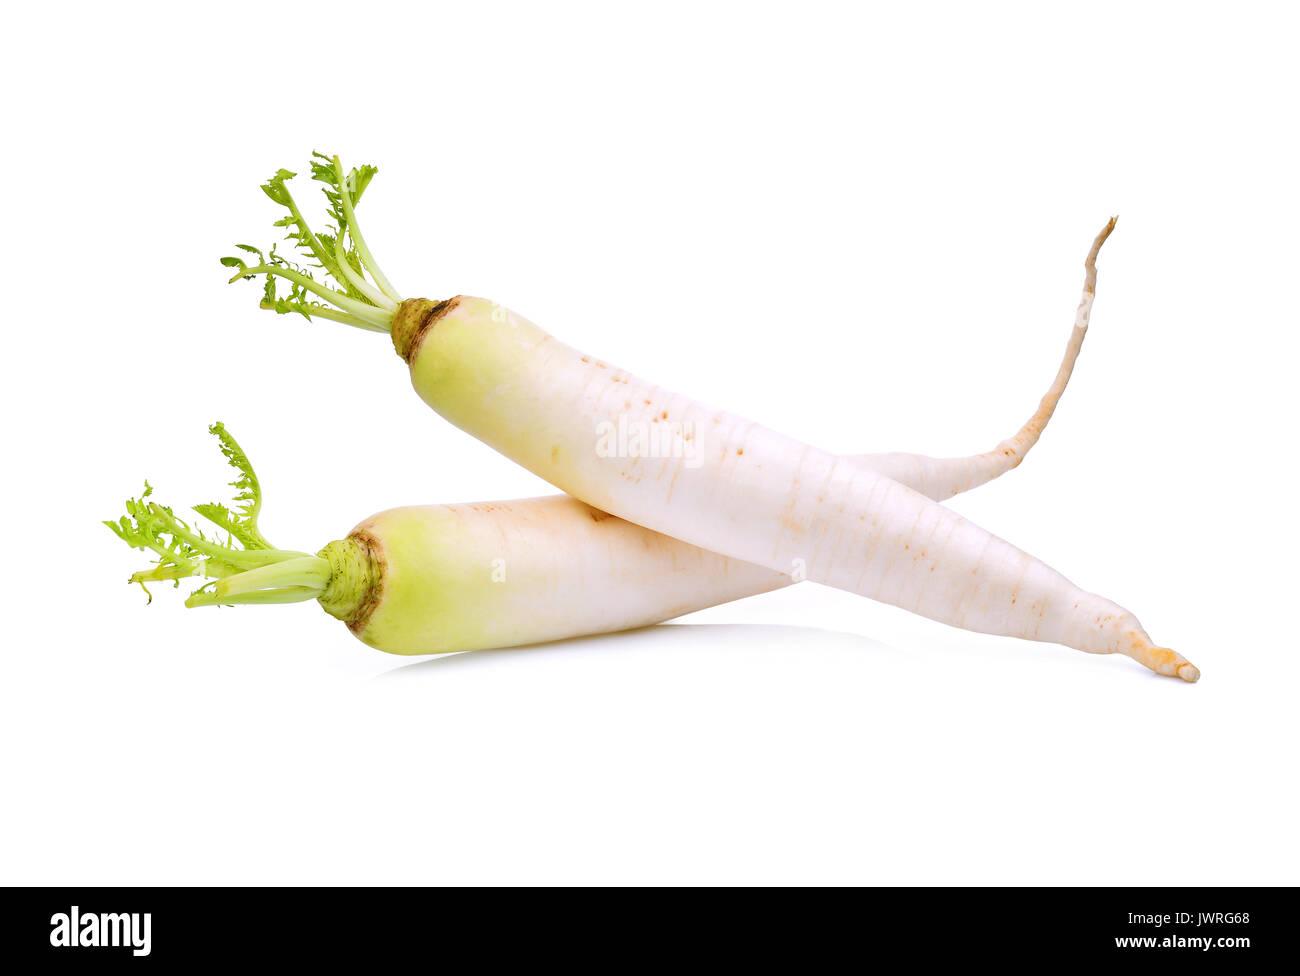 two fresh daikon radish isolated on the white background - Stock Image